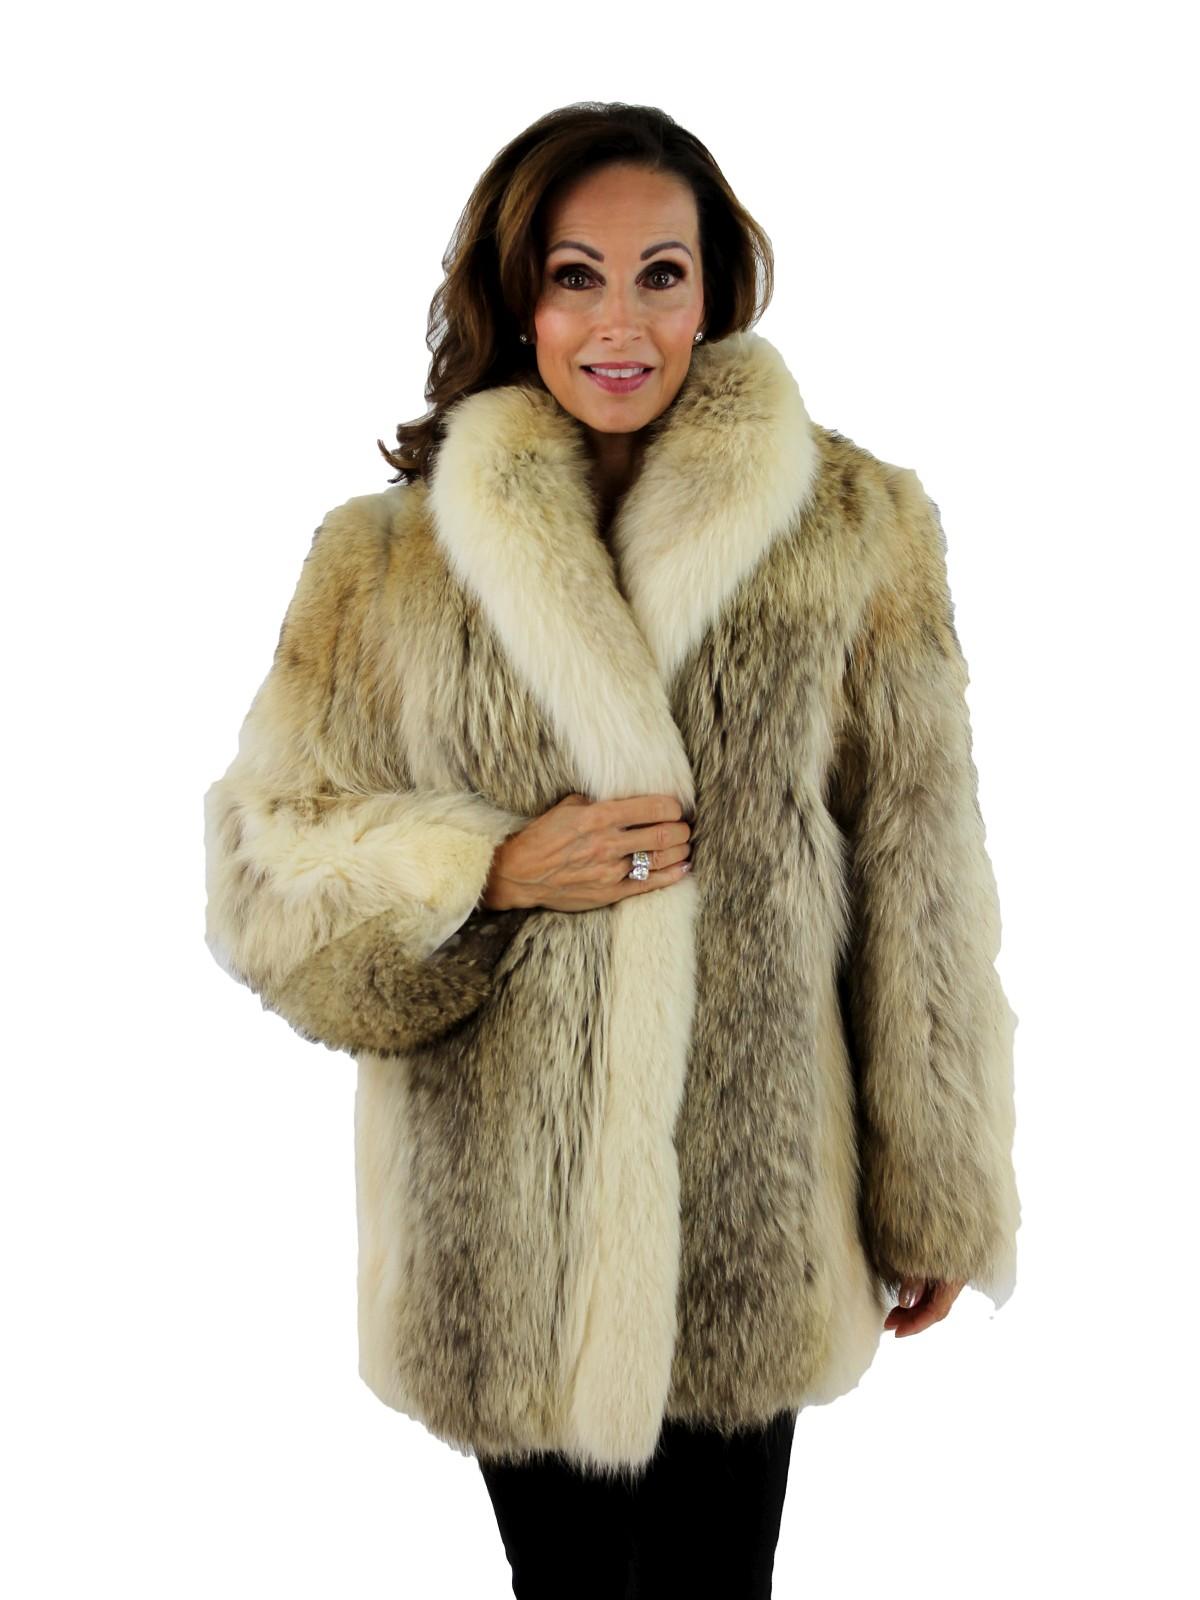 Coyote Fur Coat >> Women S Fur Coyote Jacket With Shadow Fox Tuxedo Front Women S